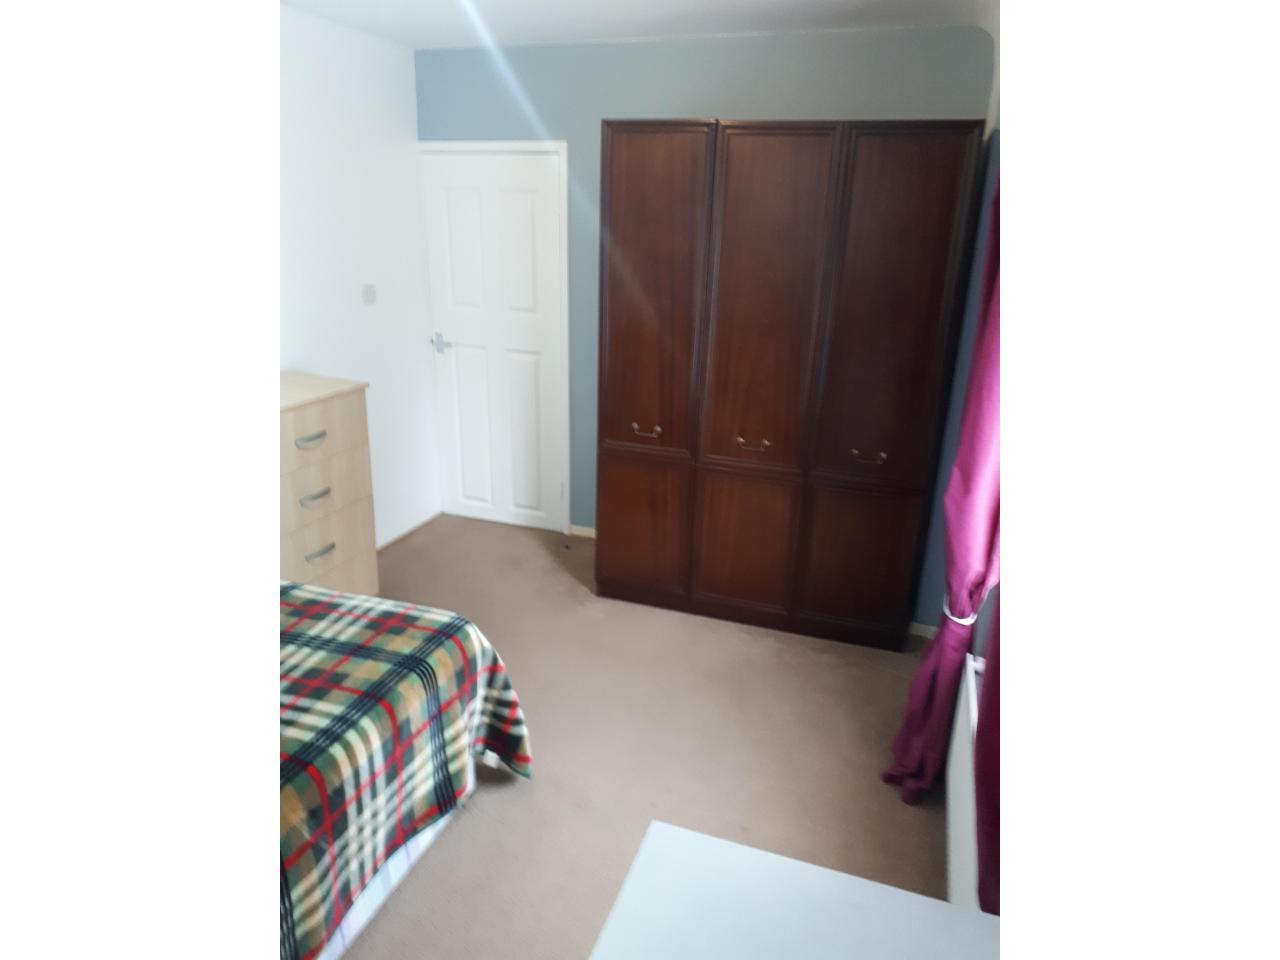 Dagenham, 4 зона, Upney,  большую комнату за 105ф. с1 ноября - 1